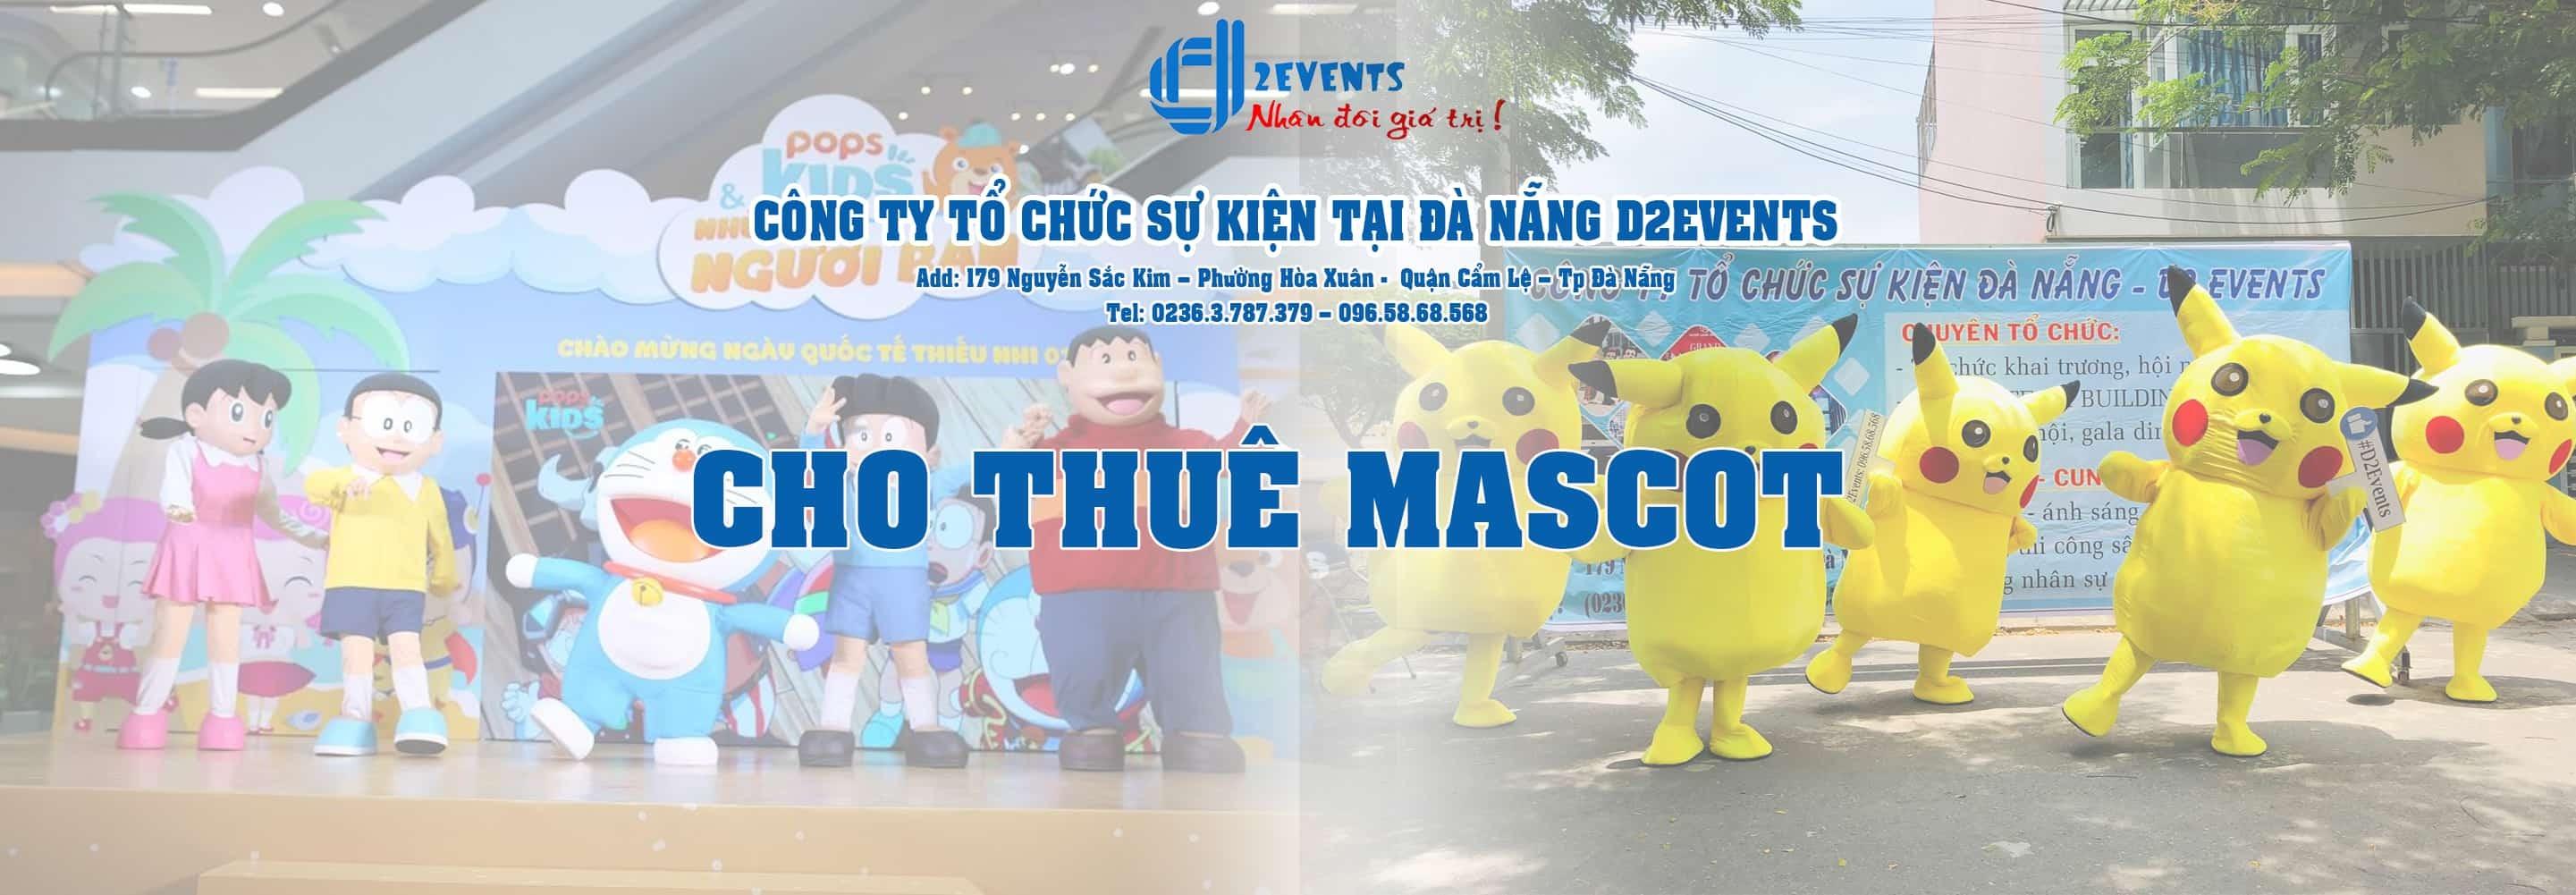 Cho Thuê Thiết Bị Sự Kiện Đà Nẵng Mascot